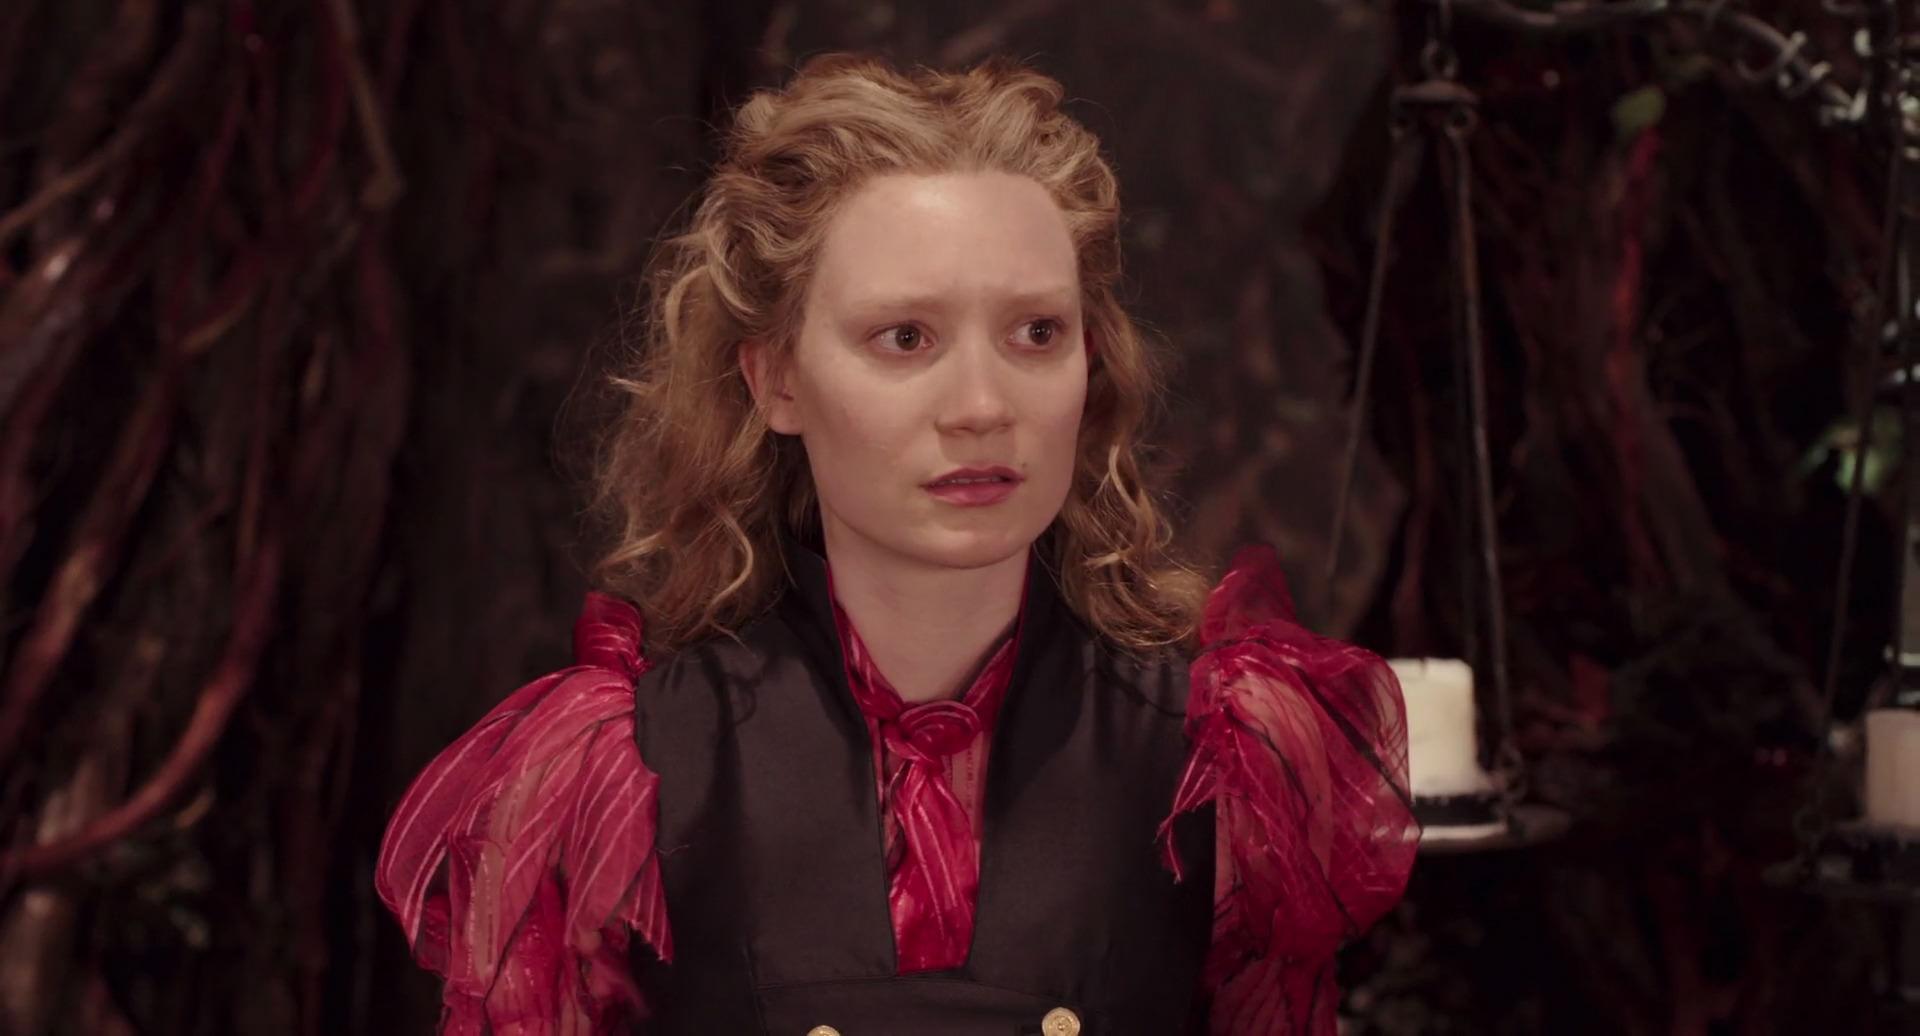 Alice Attraverso lo specchio Screencap 3 - curiosità su mia Wasikowska